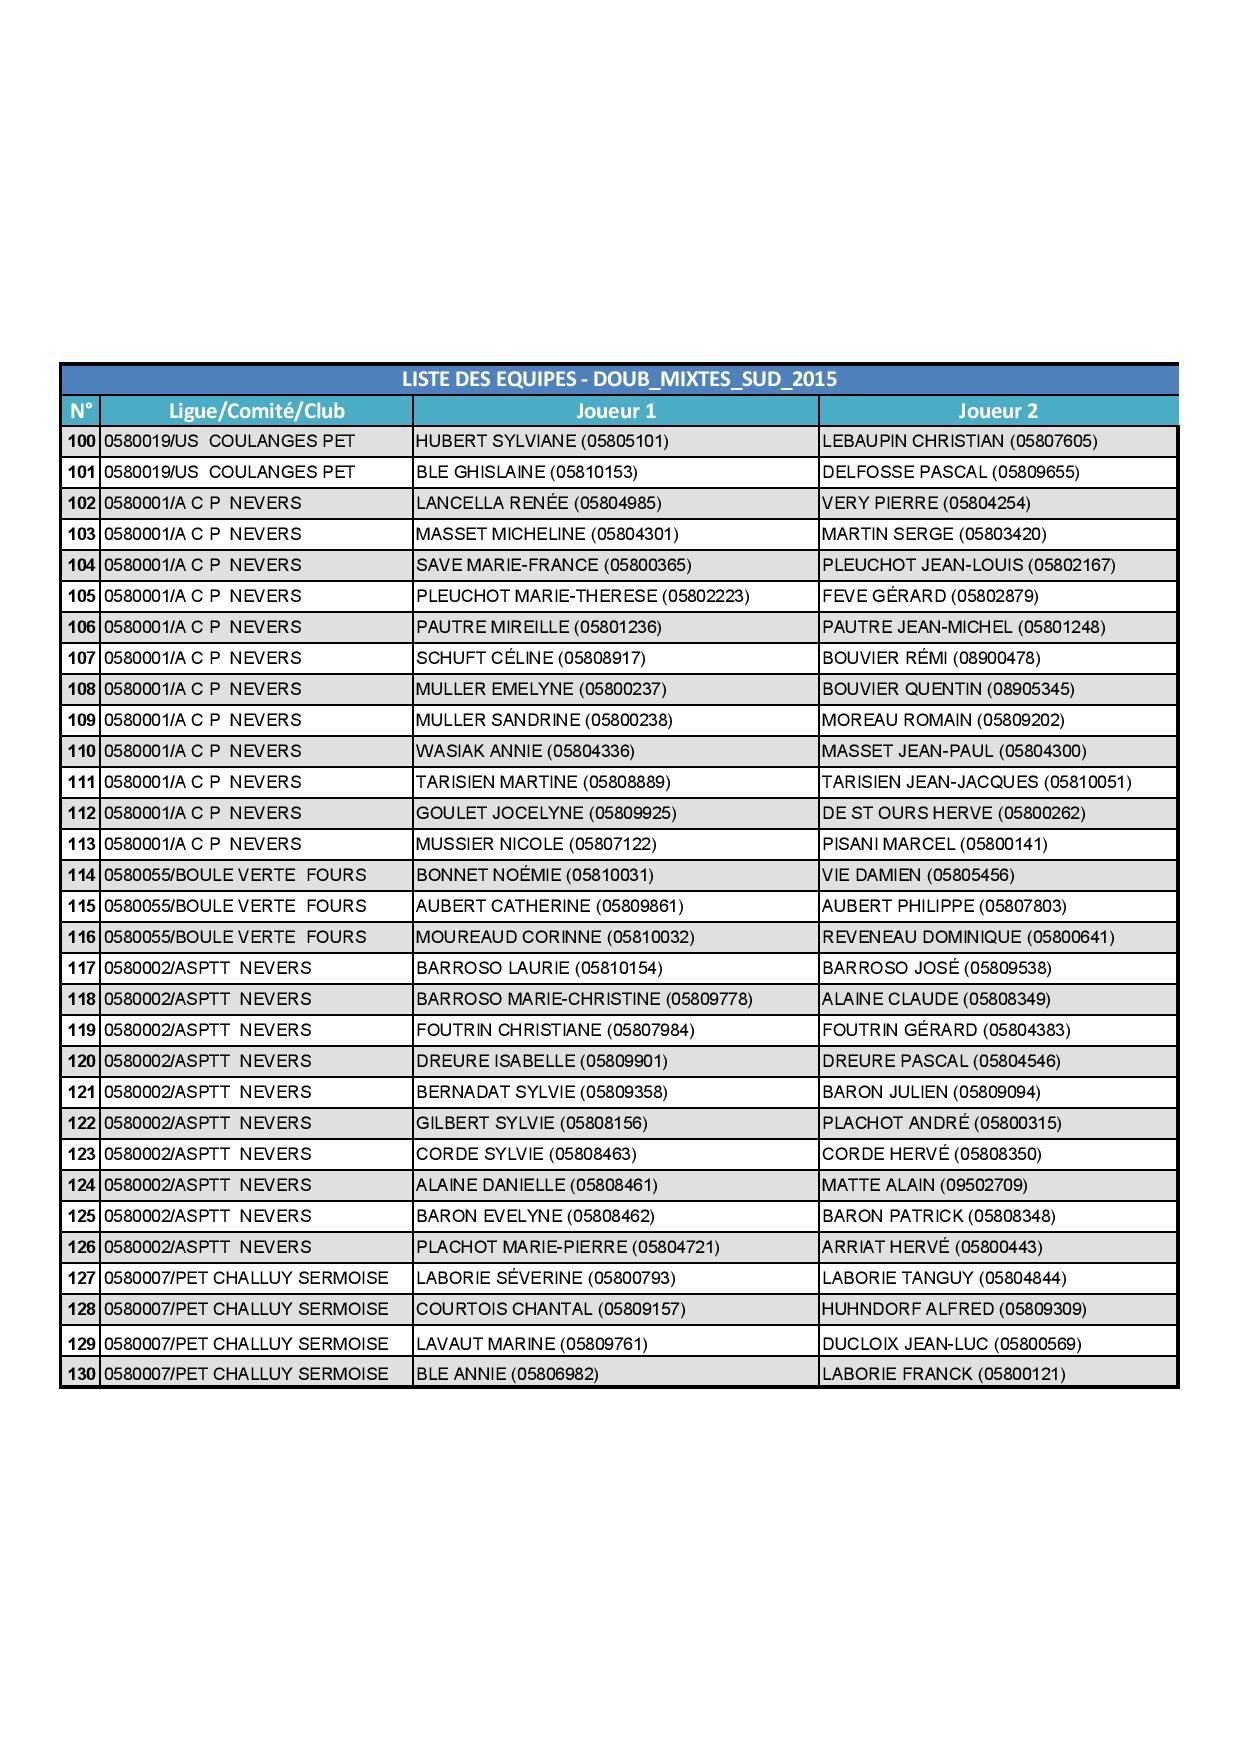 DOUB_MIXTES_SUD_2015_Liste des Equipes-page-003